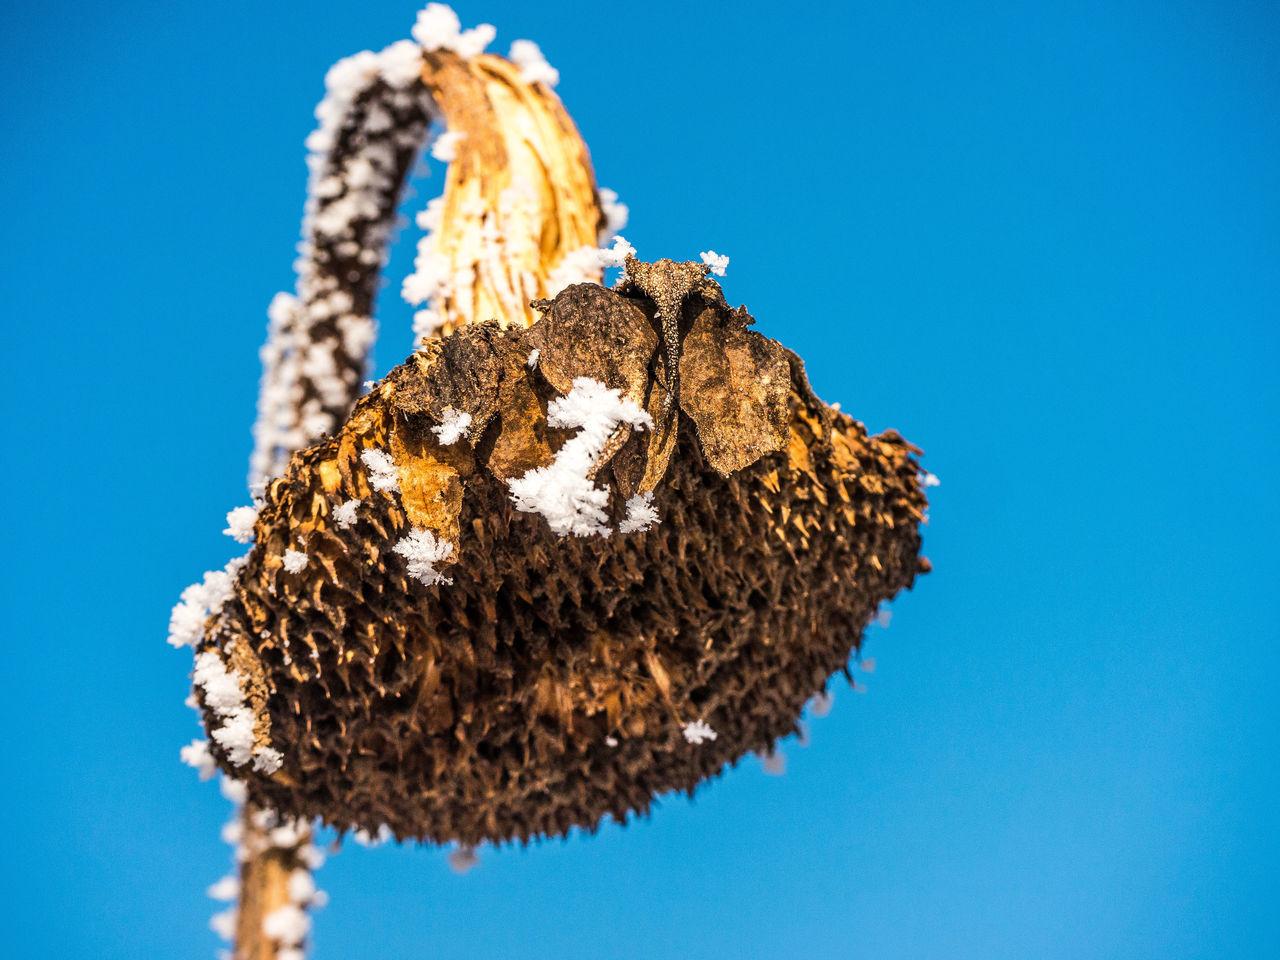 Sonnenblumen im Schnee Eye Em Nature Lover Frozen Sunflower Nature No People Outdoors Schnee Sonnenblume Im Winter Sonnenblume Mit Schnee Sunflower Sunflower In December Sunflowerfield Winter